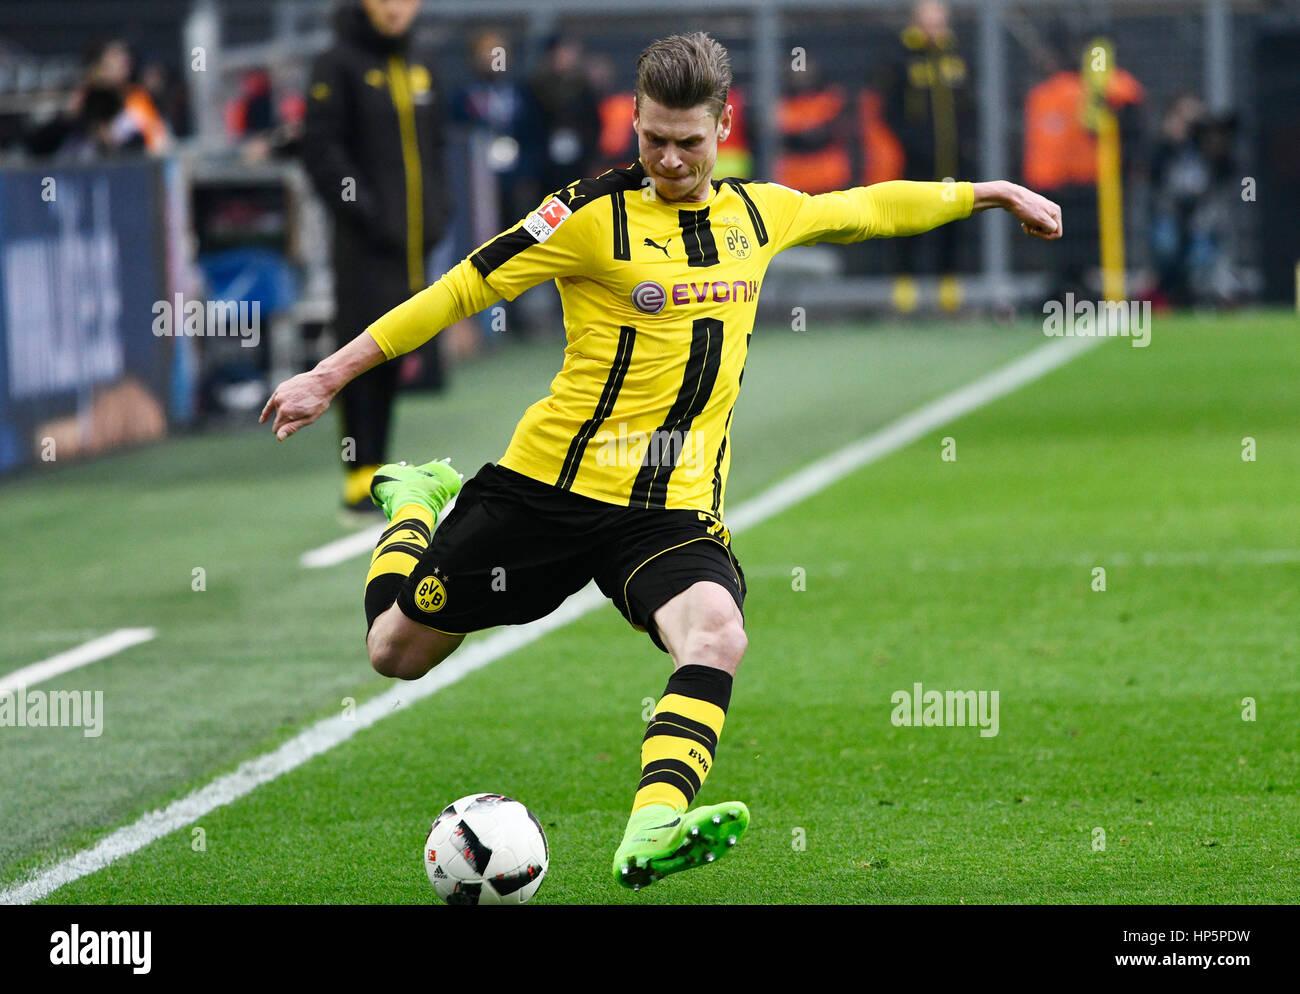 Signal-Iduna-Park, Dortmund, Deutschland. 18. Februar 2017. Deutsche Fußball Bundesliga Saison 2016/17, Spieltag Stockfoto